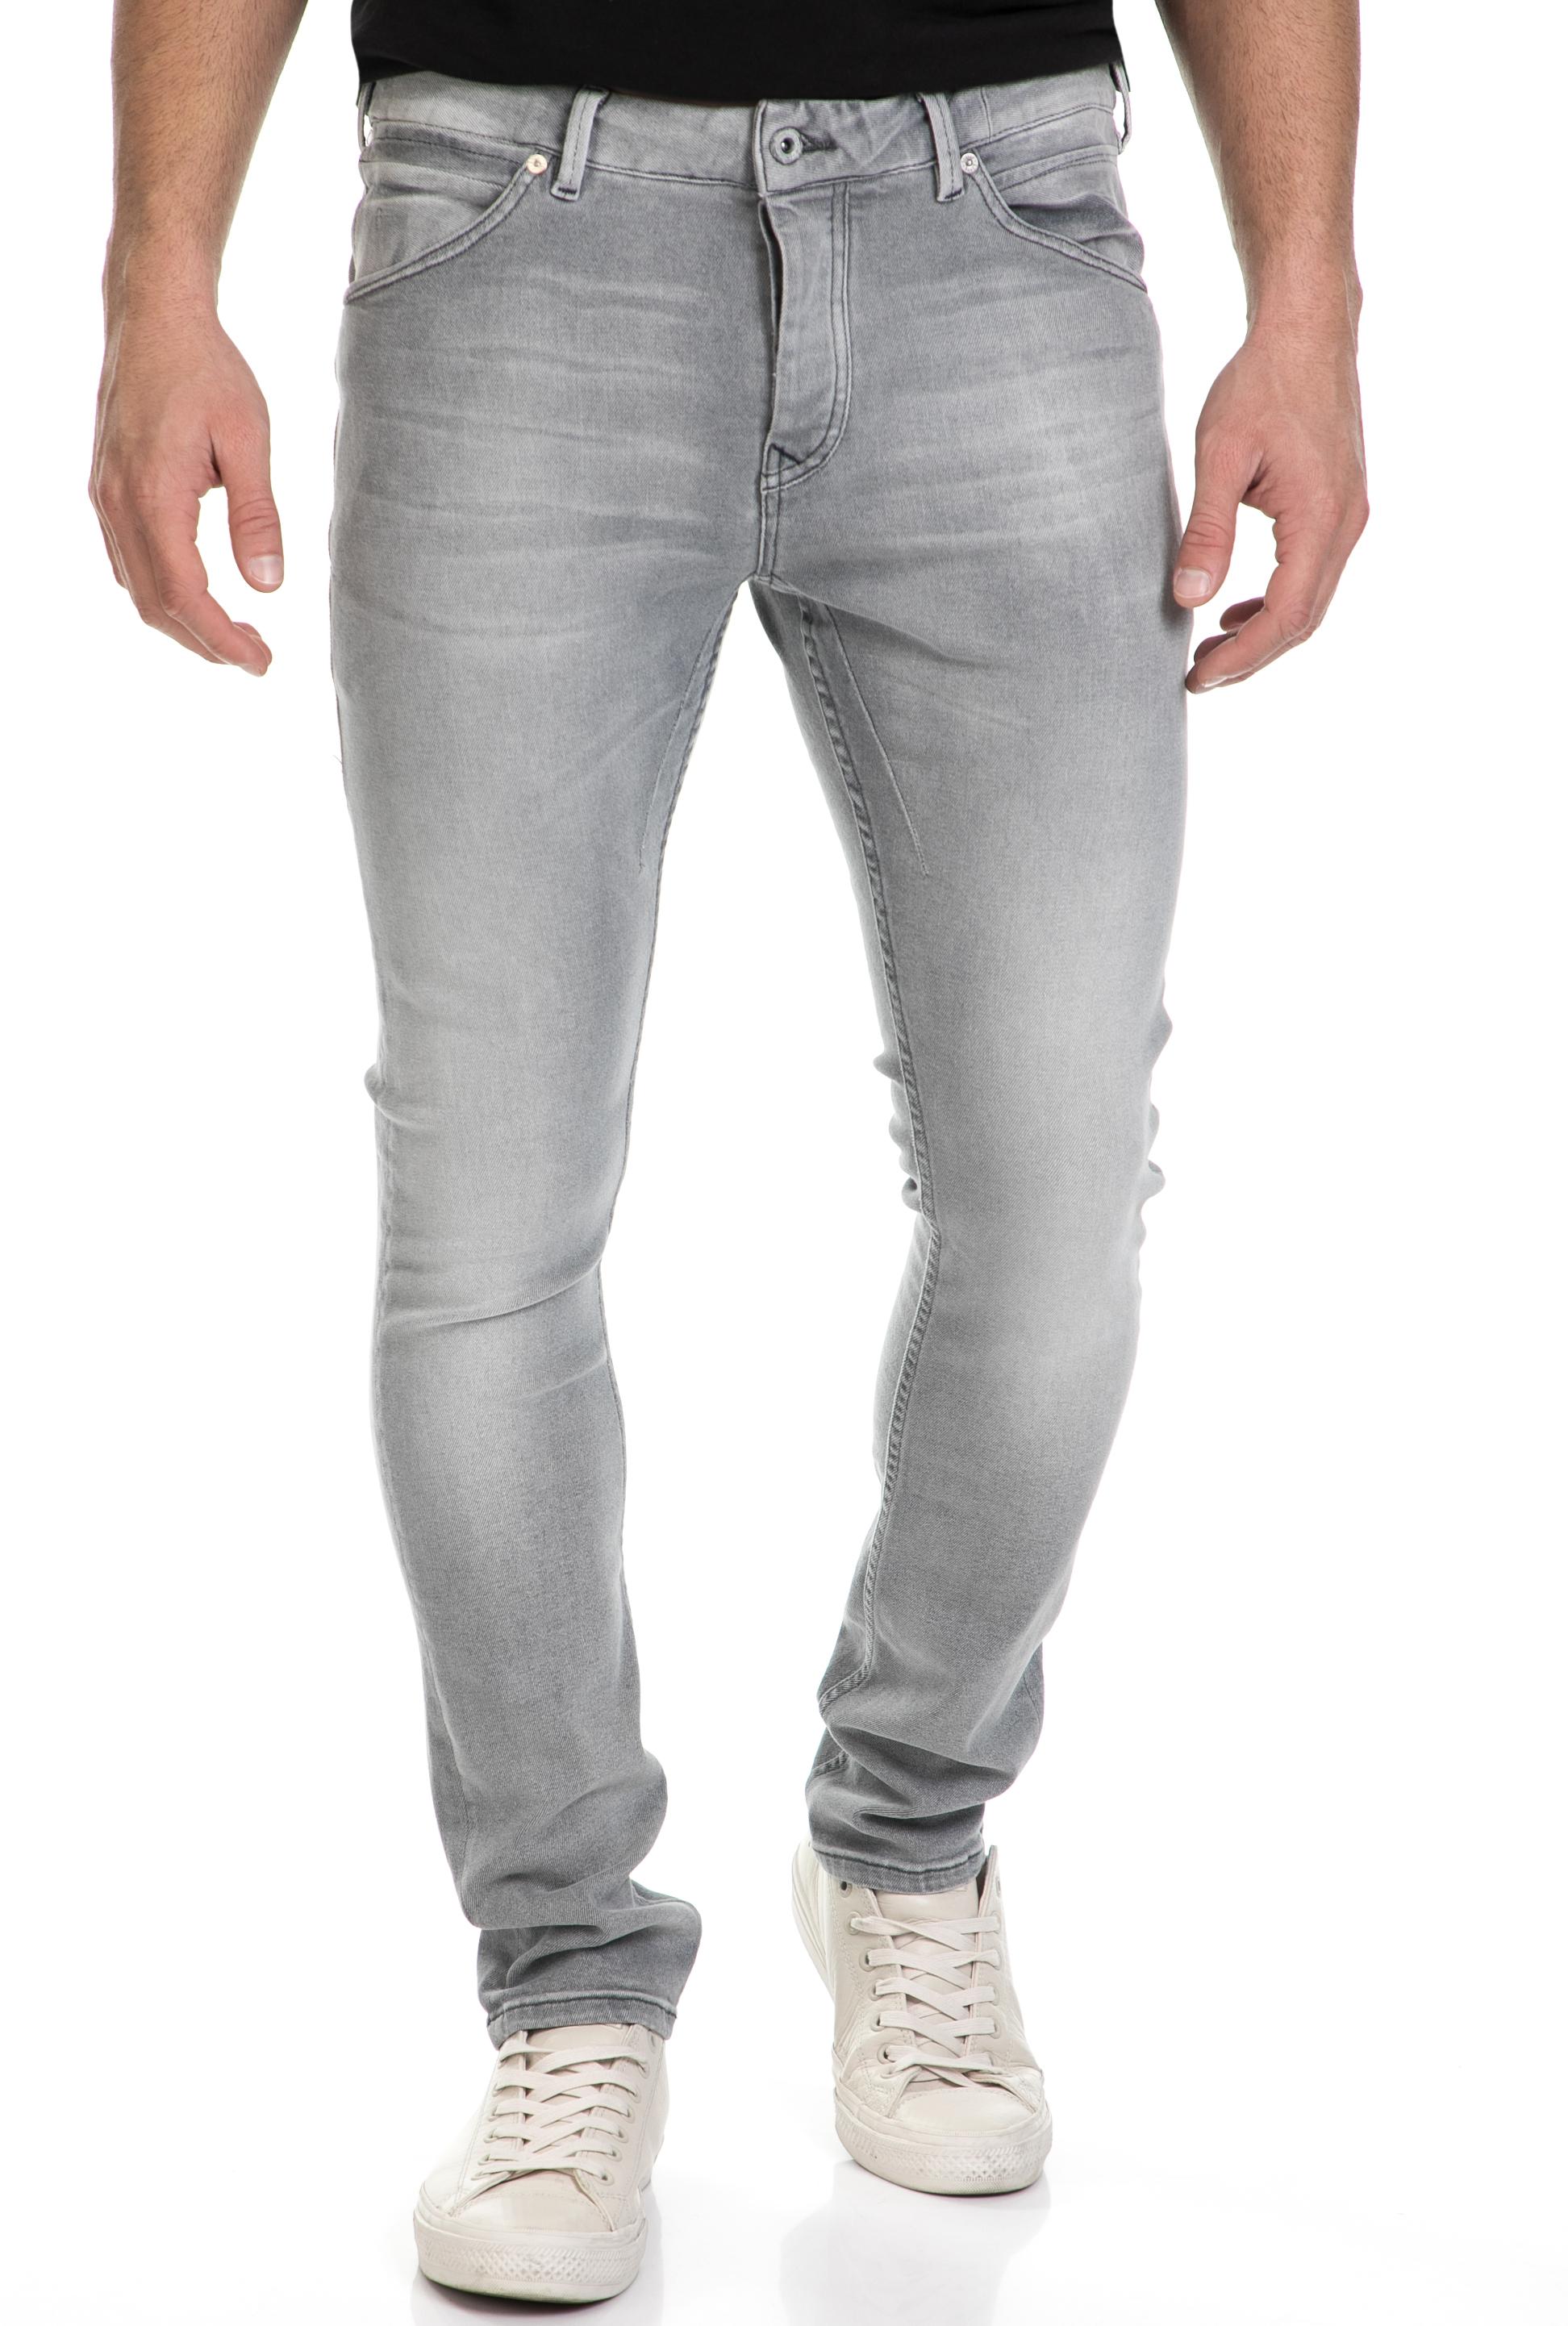 SCOTCH & SODA - Ανδρικό τζιν παντελόνι PHAIDON - CUT AND RUN SCOTCH & SODA γκρι ανδρικά ρούχα τζίν skinny